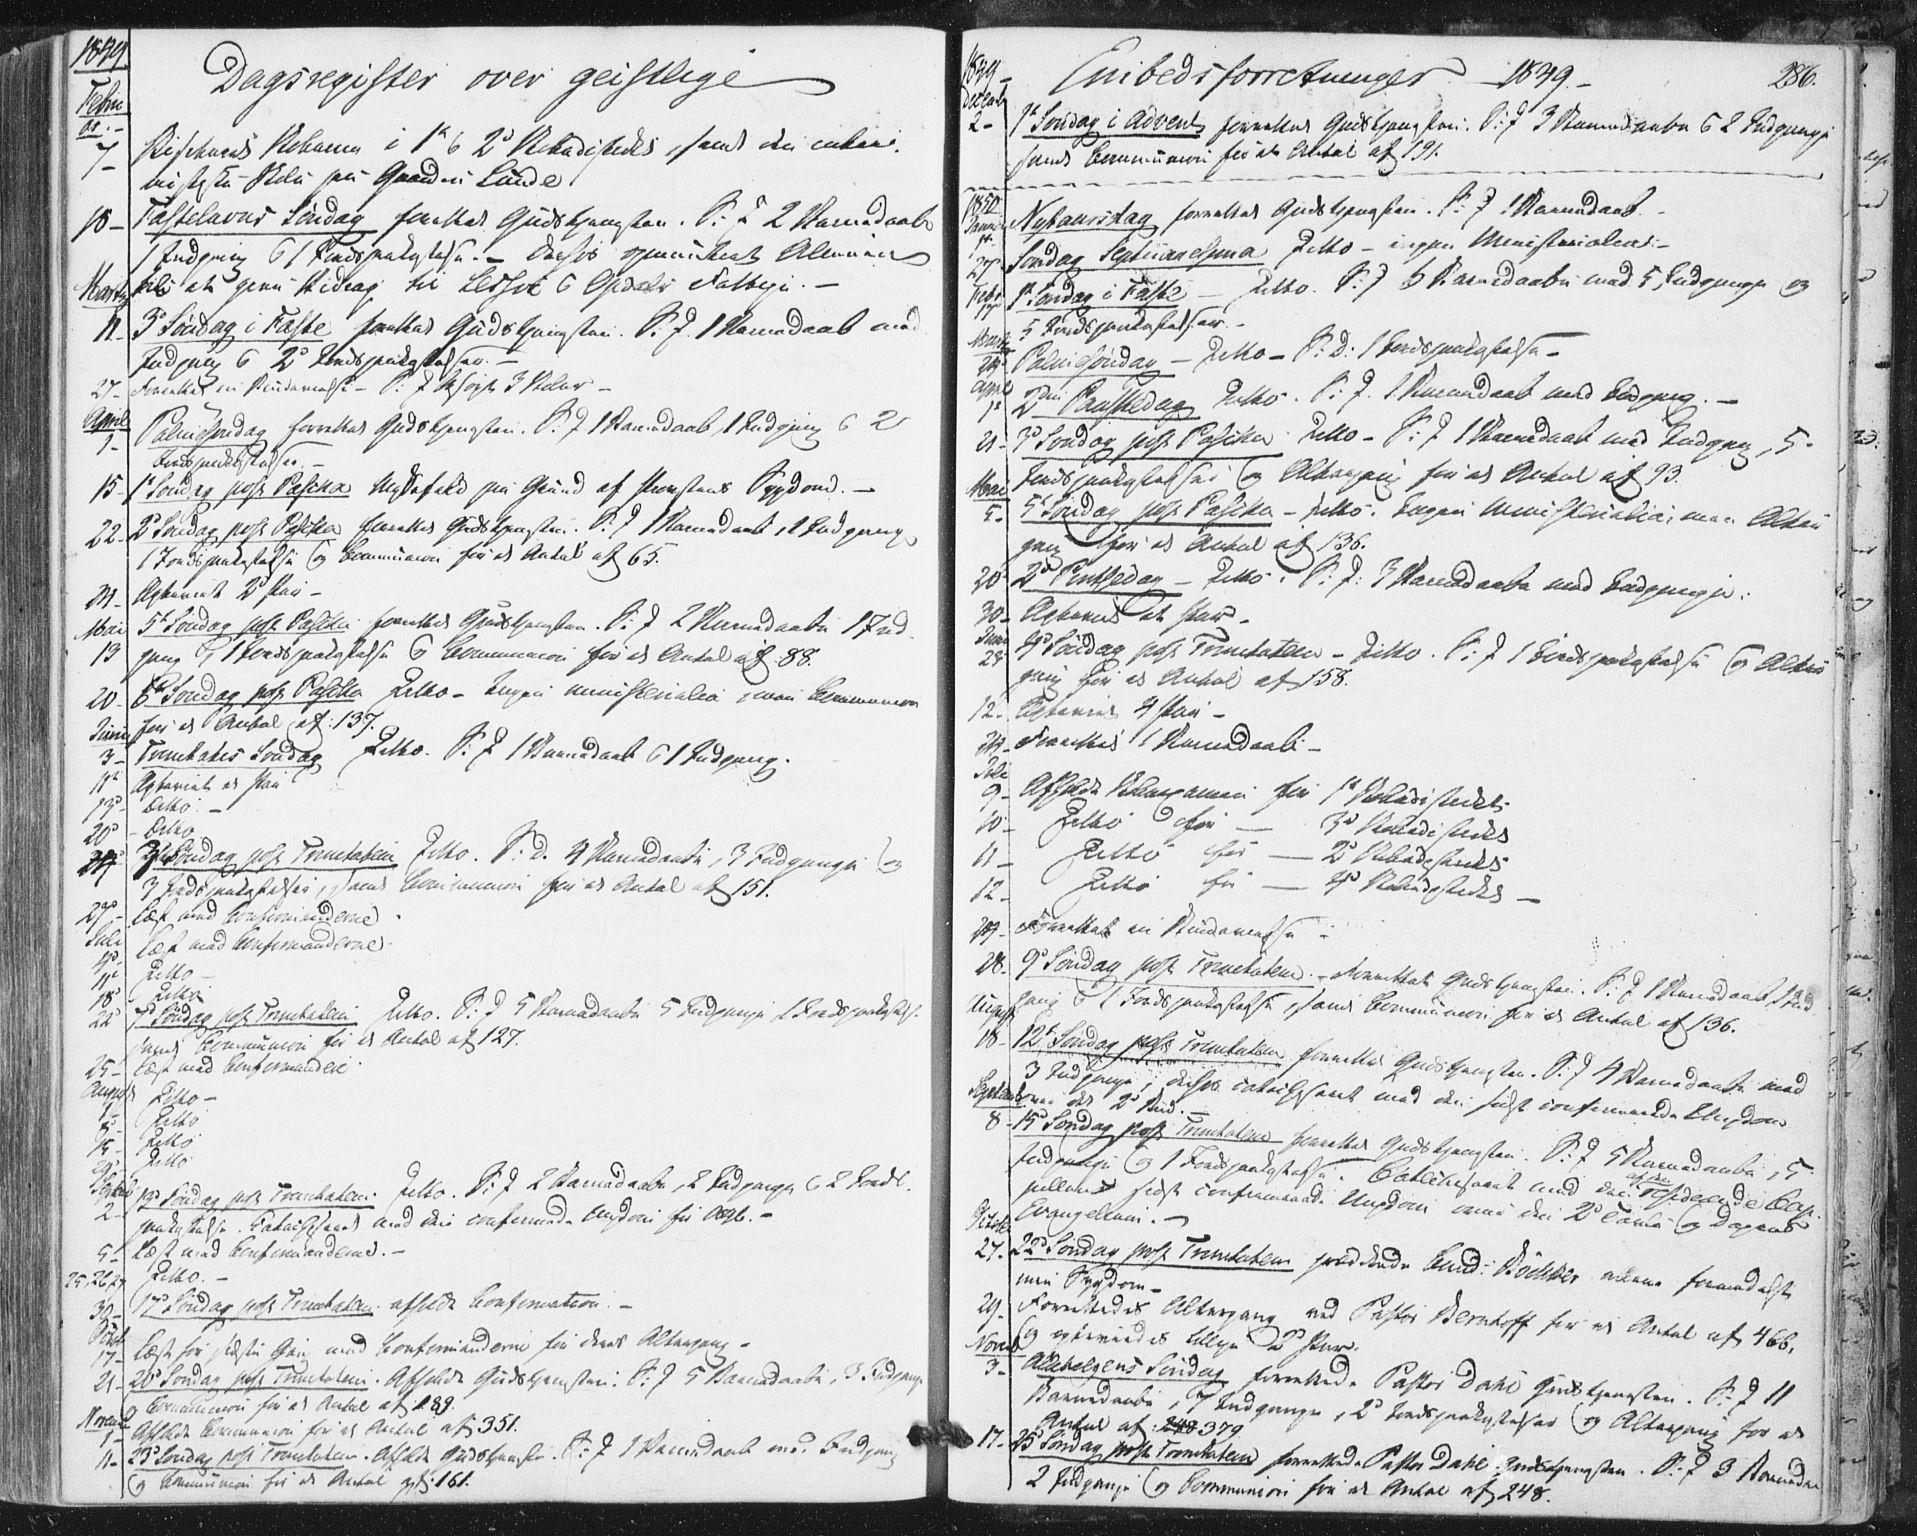 SAT, Ministerialprotokoller, klokkerbøker og fødselsregistre - Sør-Trøndelag, 692/L1103: Ministerialbok nr. 692A03, 1849-1870, s. 286